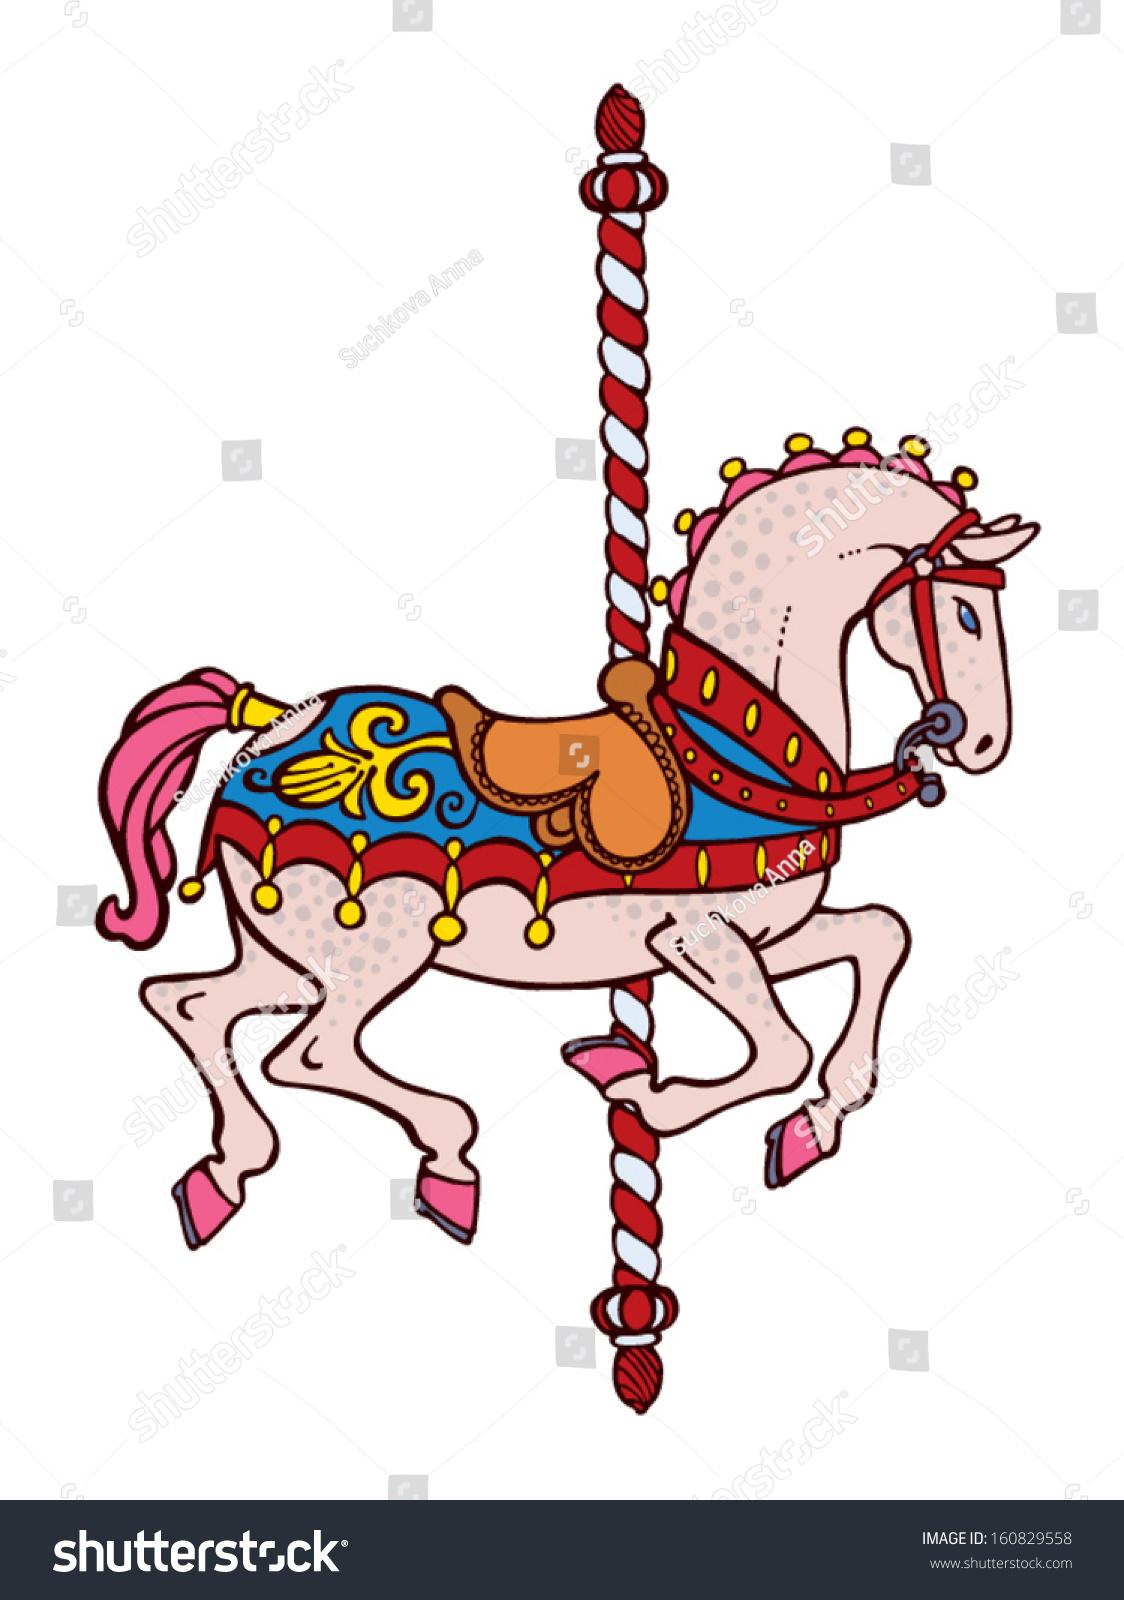 Bright Elegant Smart Carousel Horse Vector - 160829558 : Shutterstock